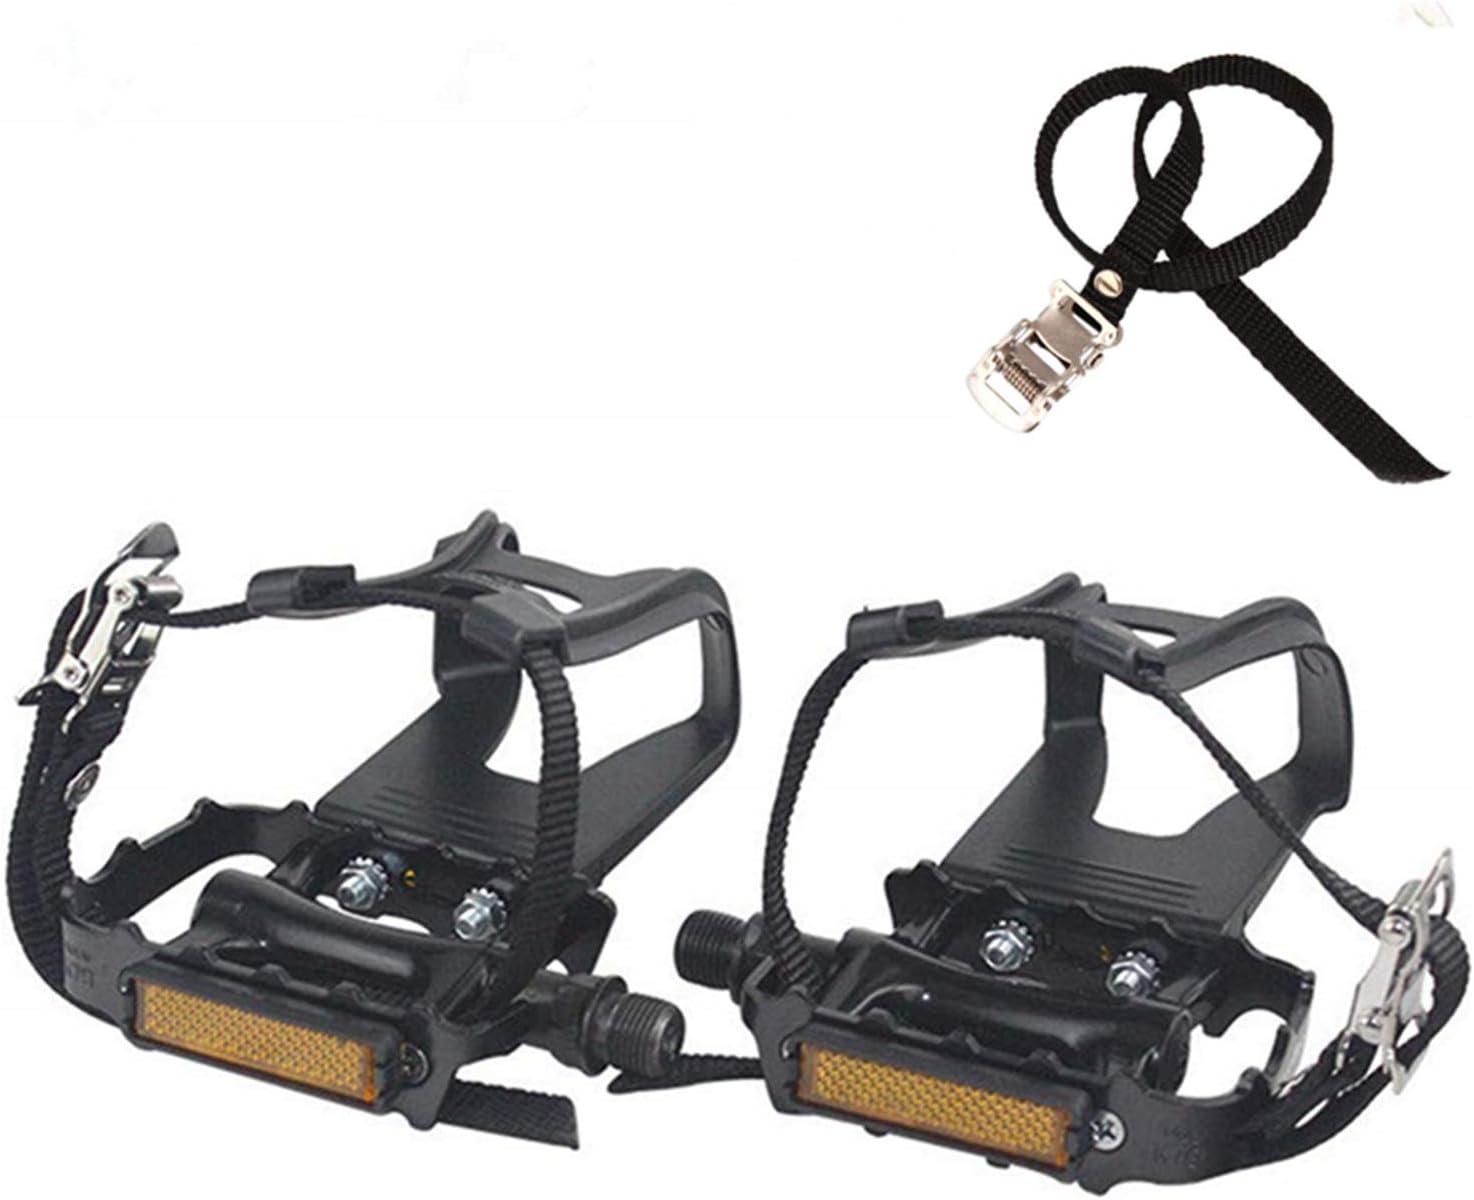 COZYROOMY Pedales de Bicicleta, Pedal híbrido con Jaula y cinturón, Adecuado Bicicleta estática Fitness, Bici Spinning y Todas Las Bicicletas con un Eje de 9/16 Pulgadas. 6 Meses de Garantia